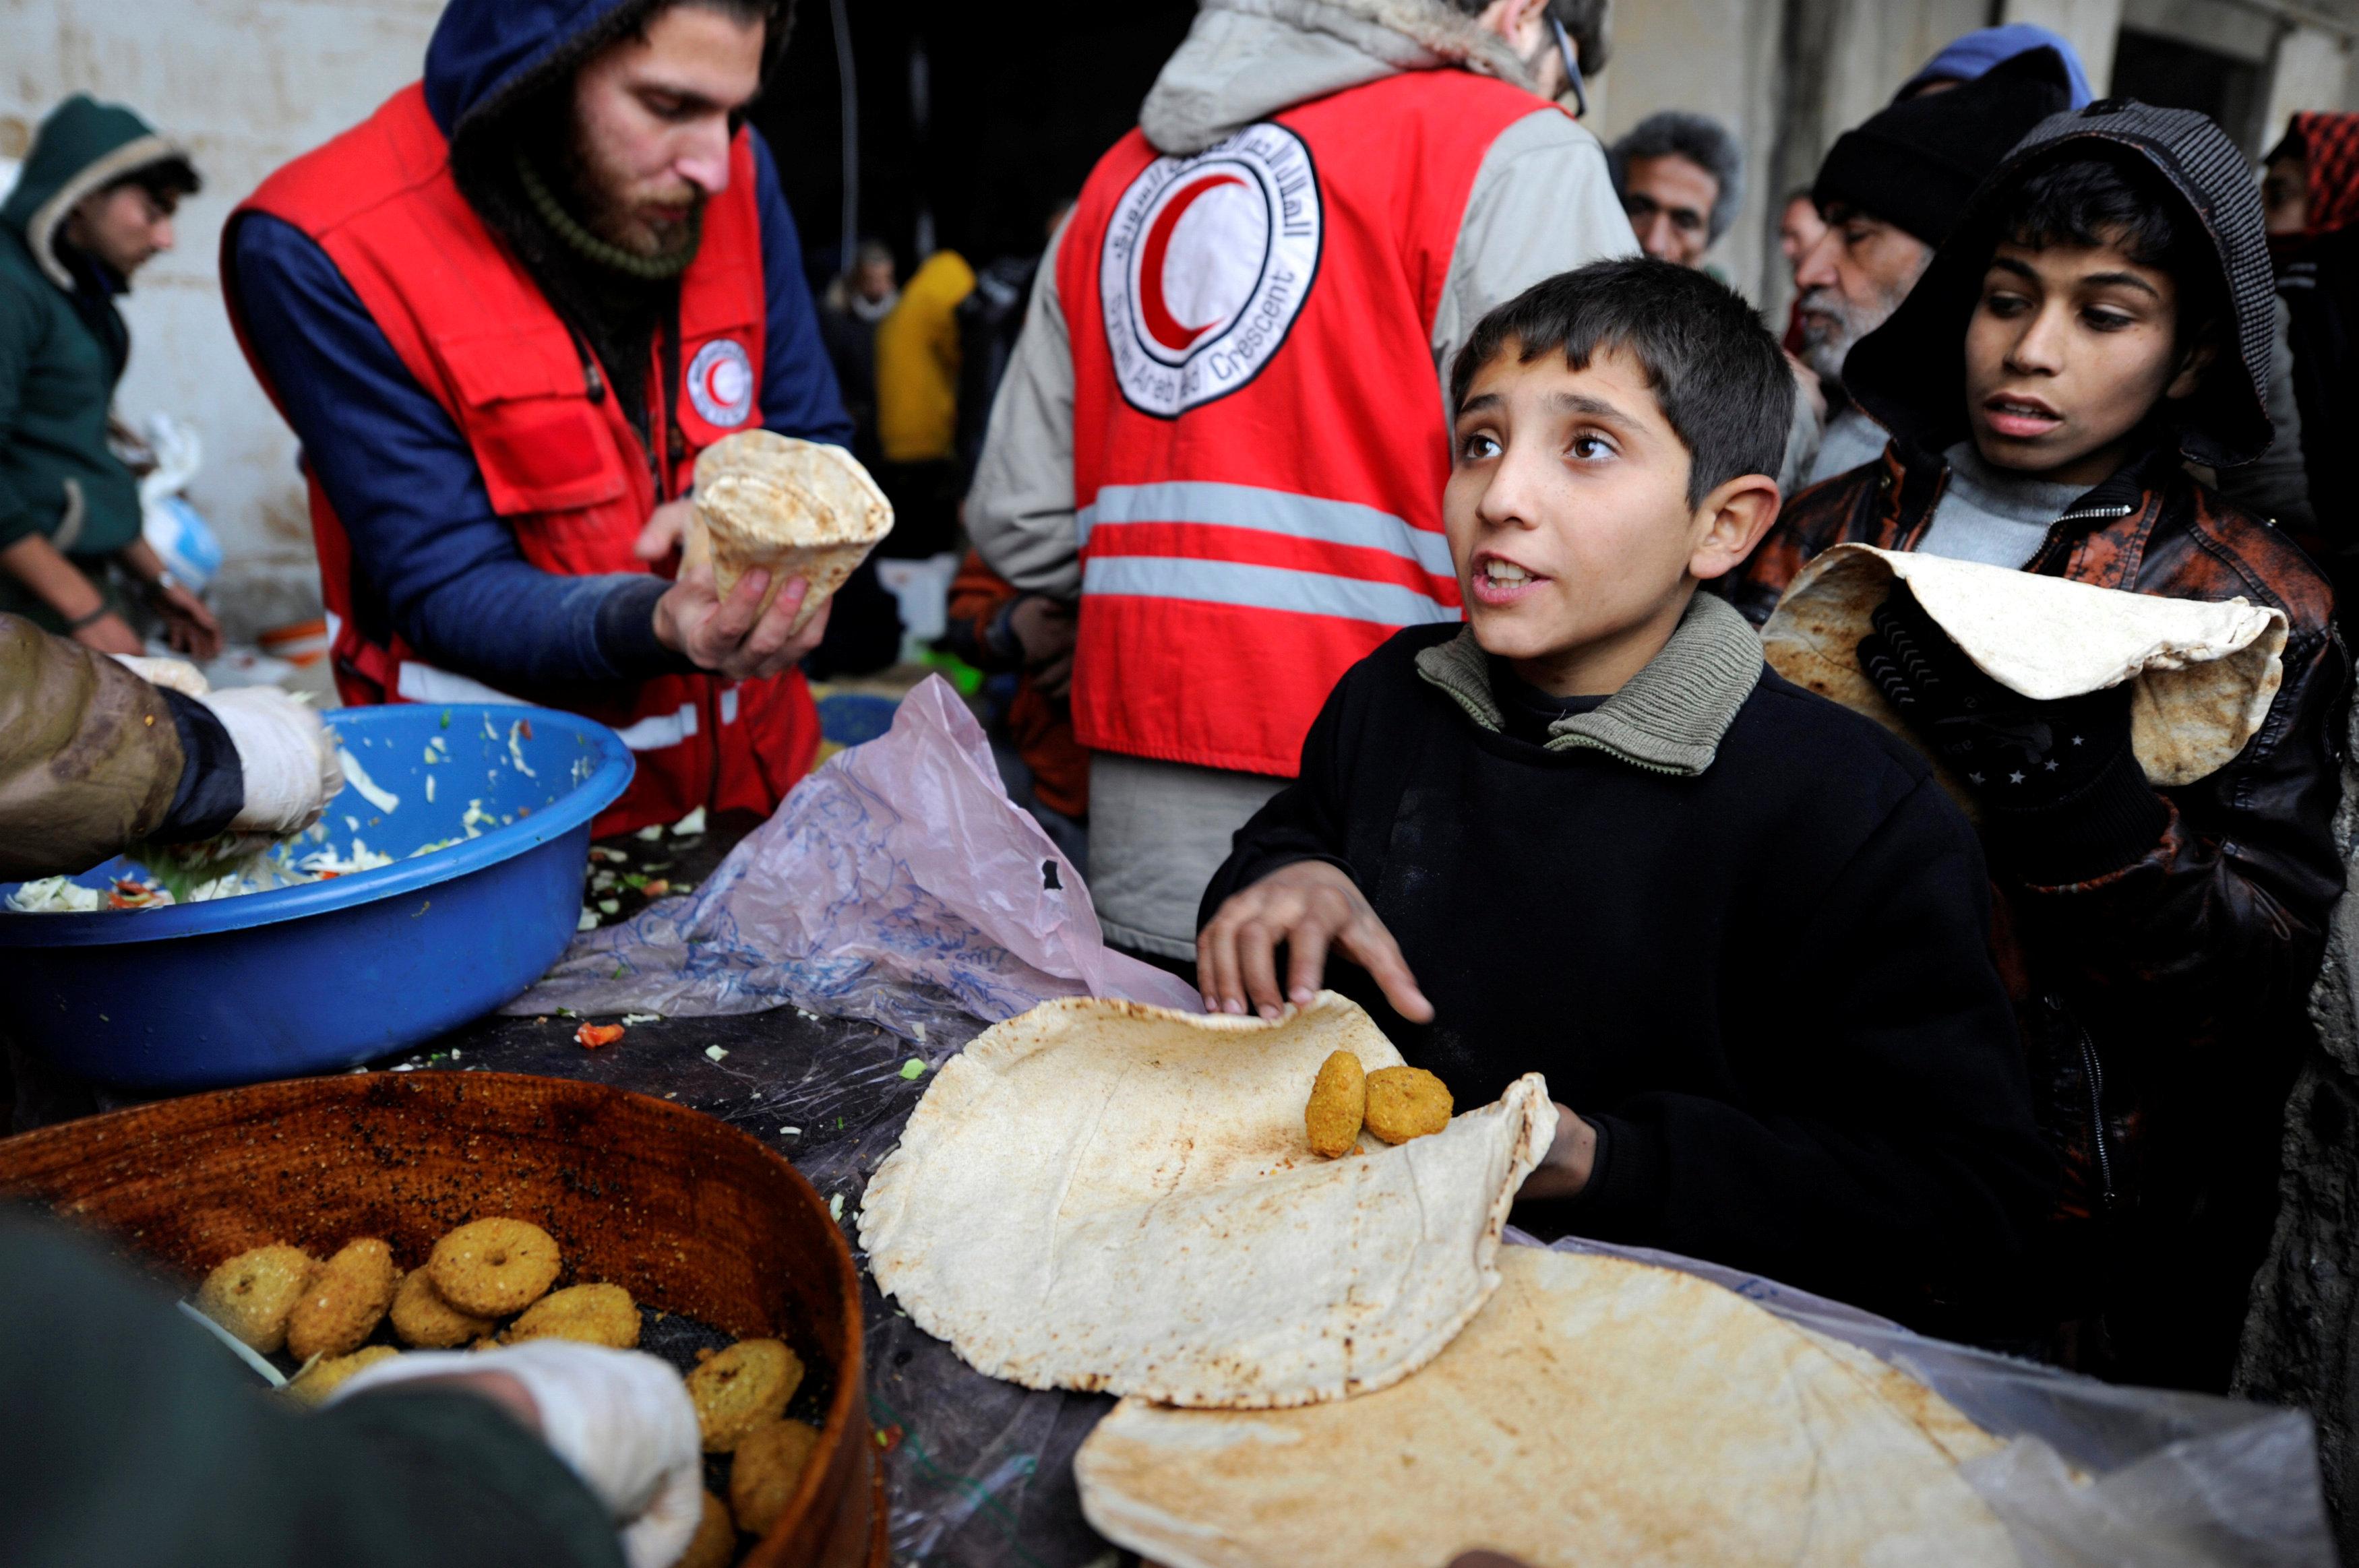 Niños sirios evacuados de las zonas de Alepo controladas por los radicales reciben ayuda en el barrio de Jibreen, controlado por el Gobierno, 30 de noviembre de 2016